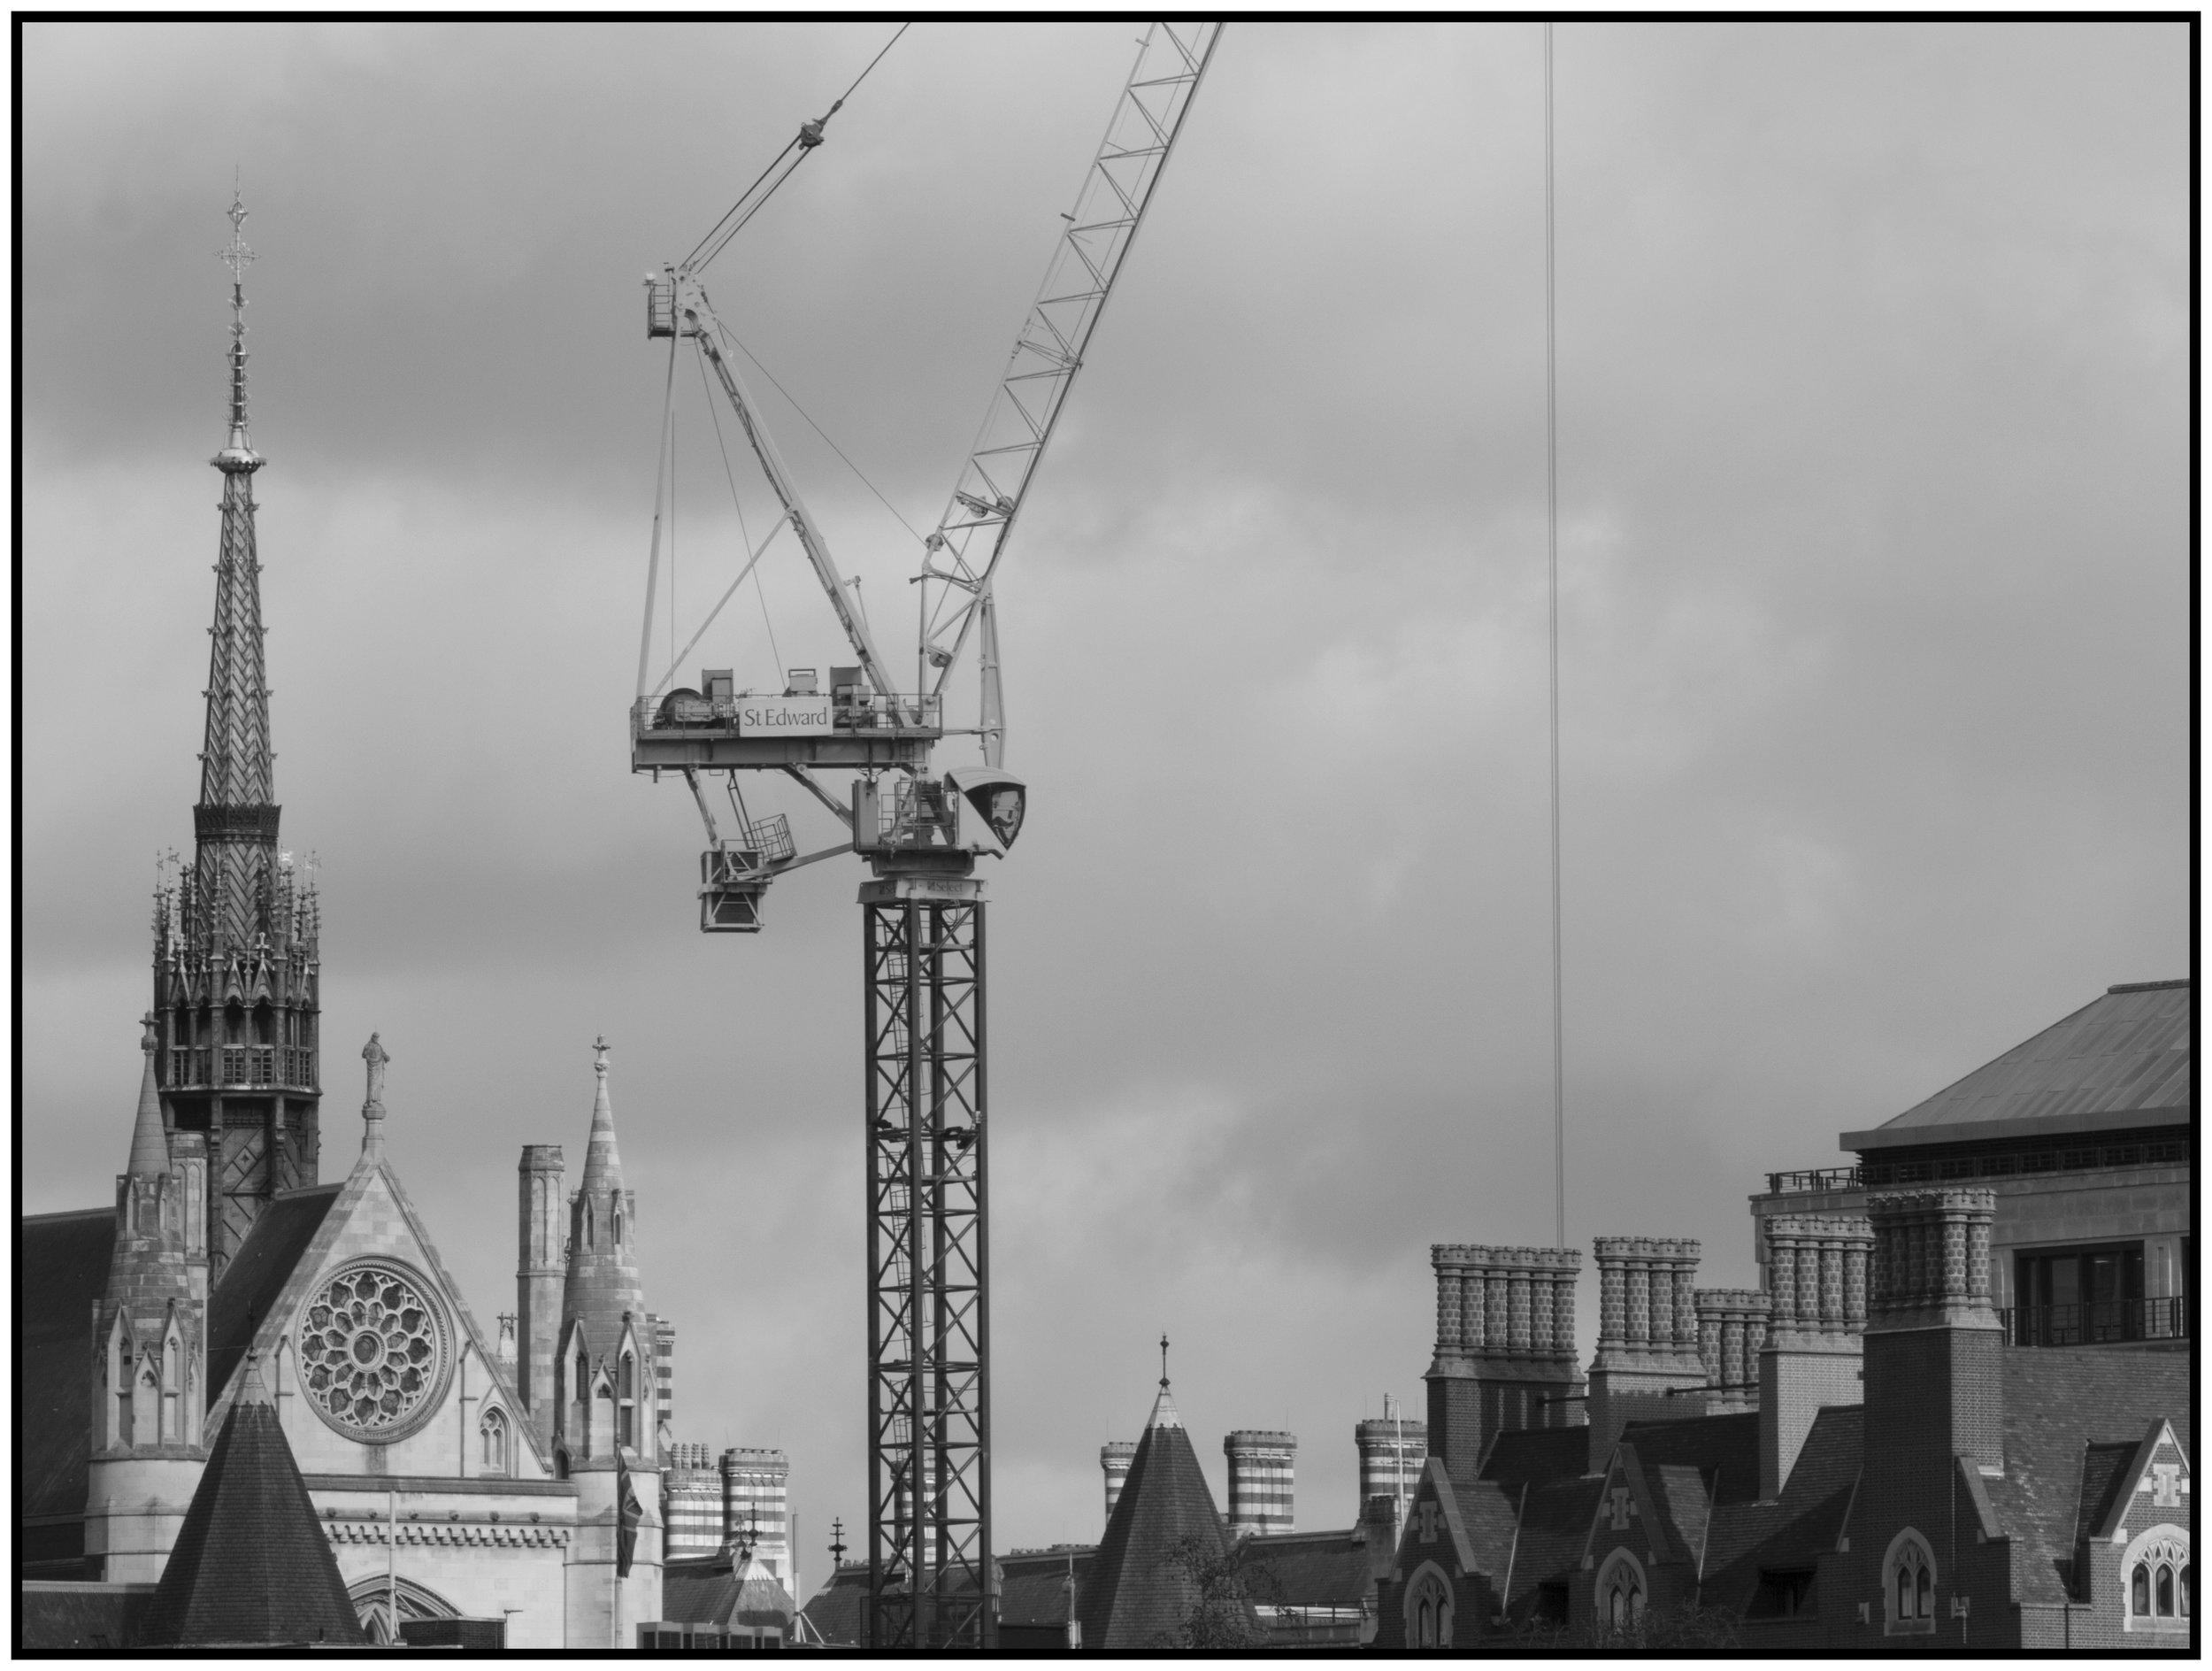 LondonSymphonyStill05.jpg